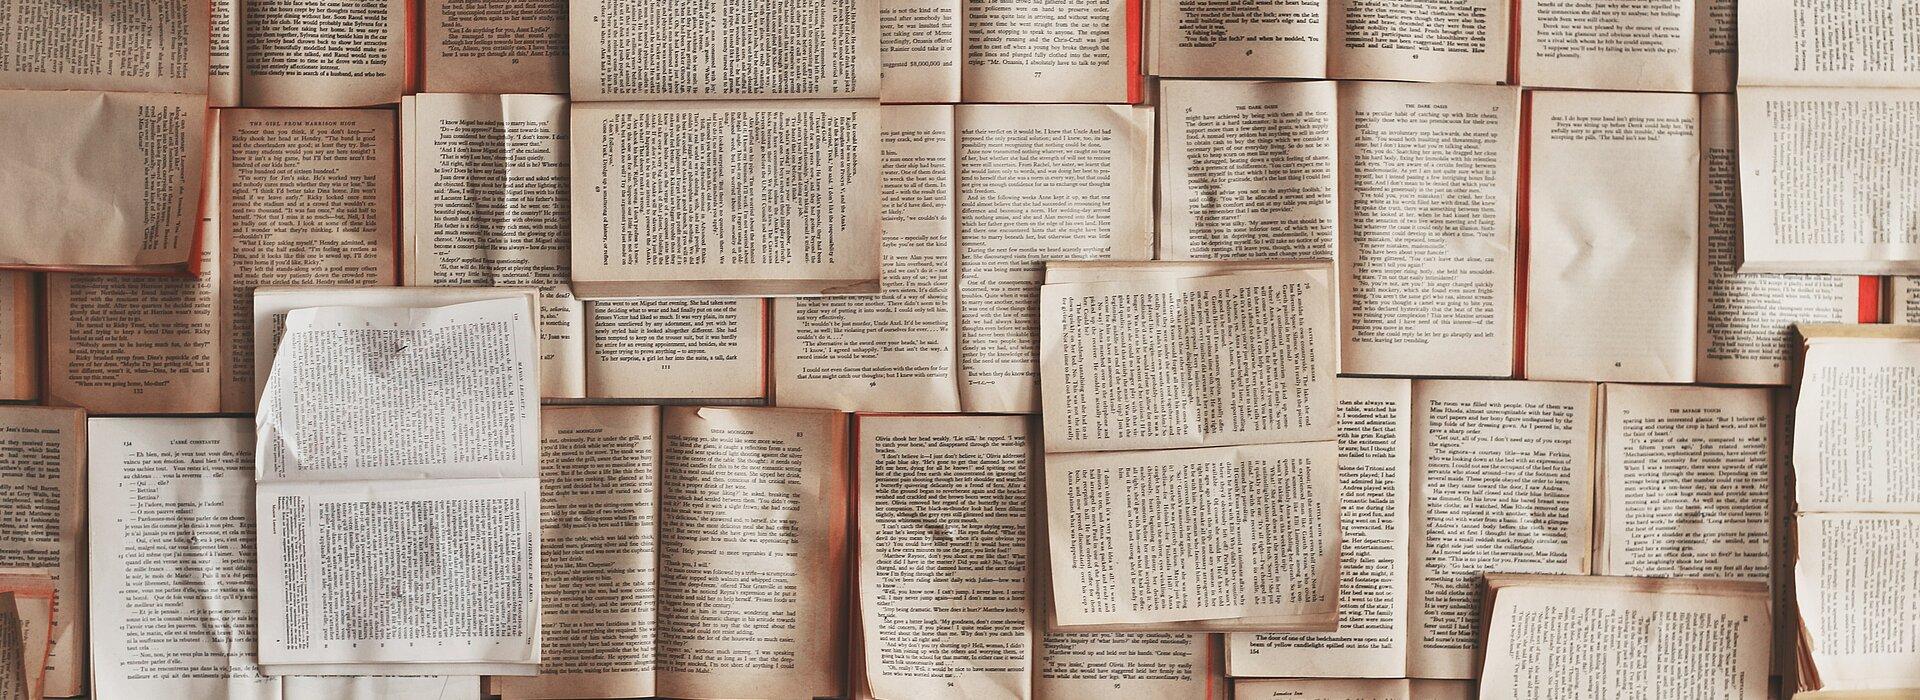 Imagem com vários livros abertos